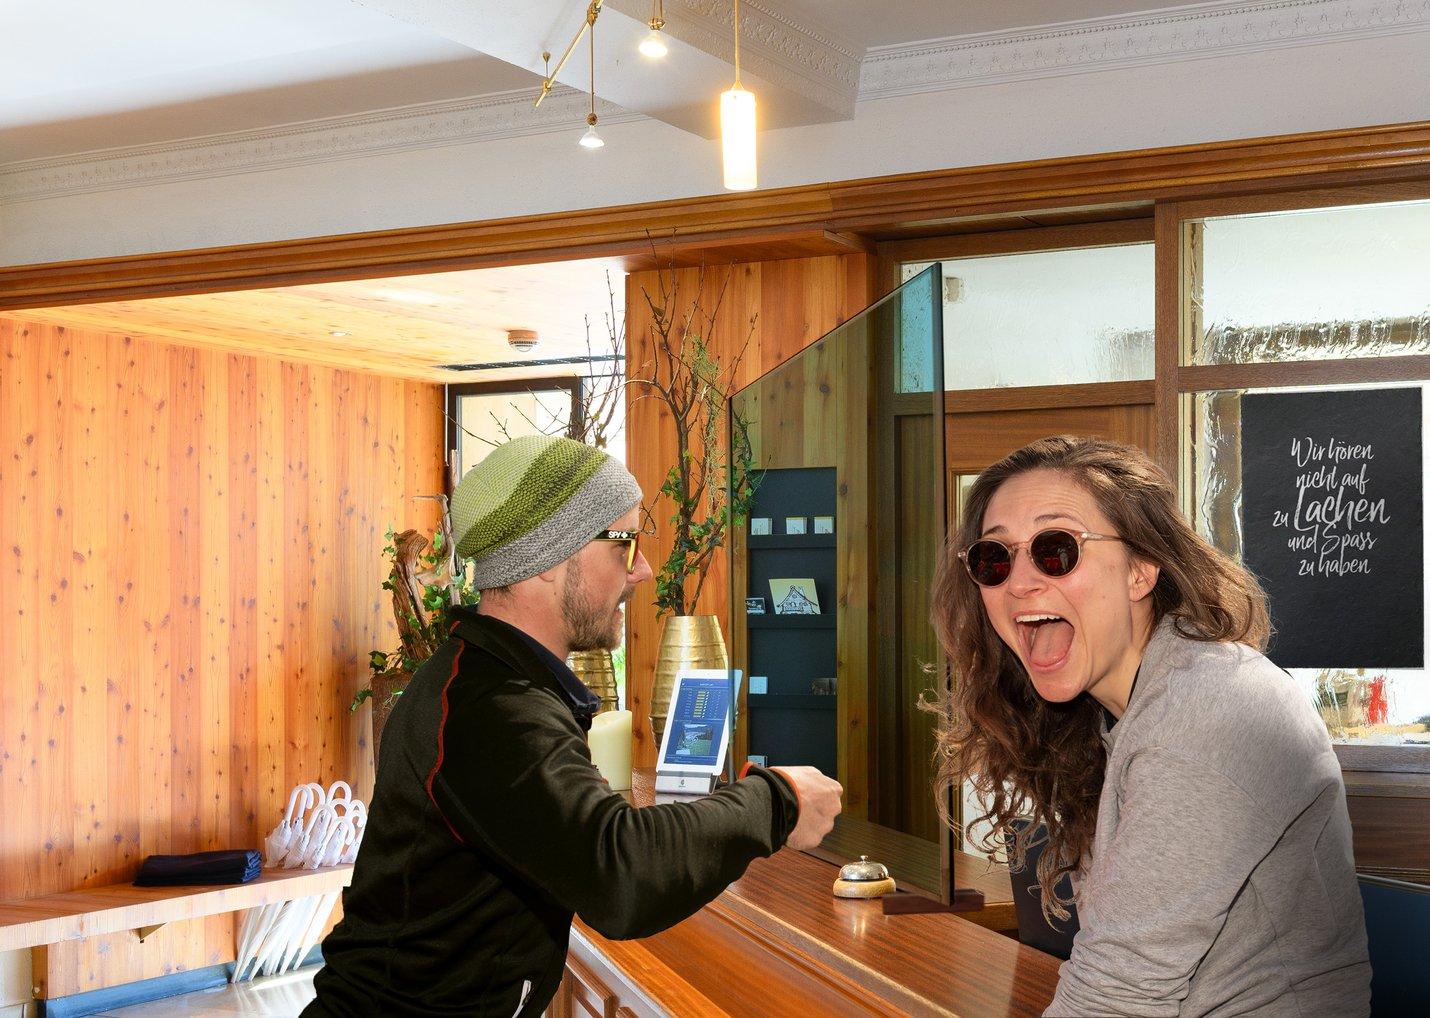 Einreise ohne Quarantäne in das Land Österreich für Reisende während Covid-19